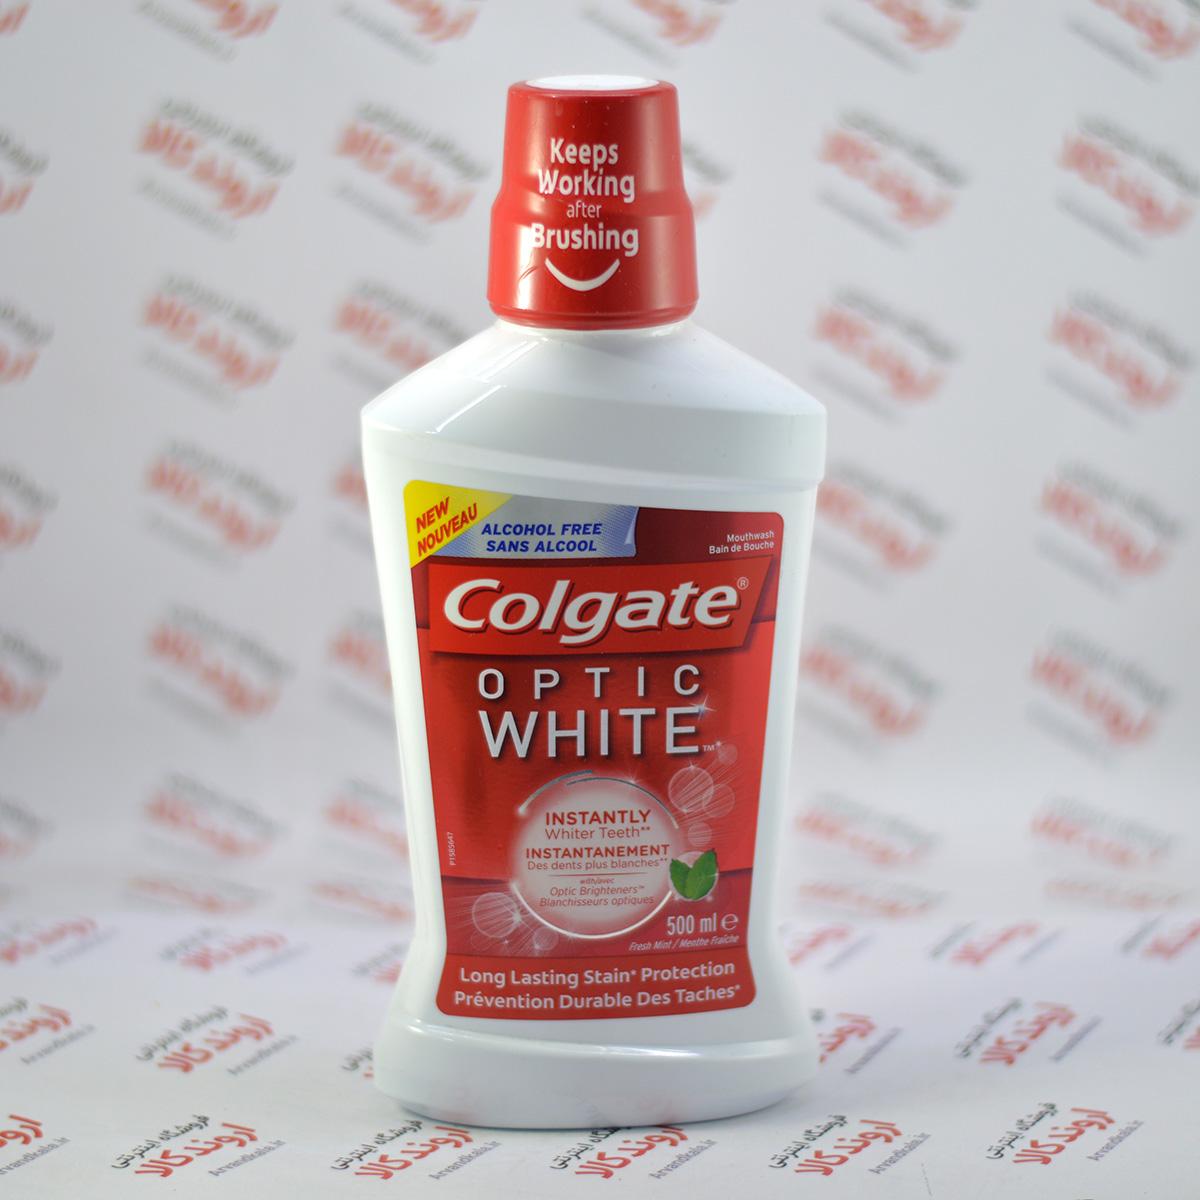 دهانشویه کلگیت Colgate مدل Optic White